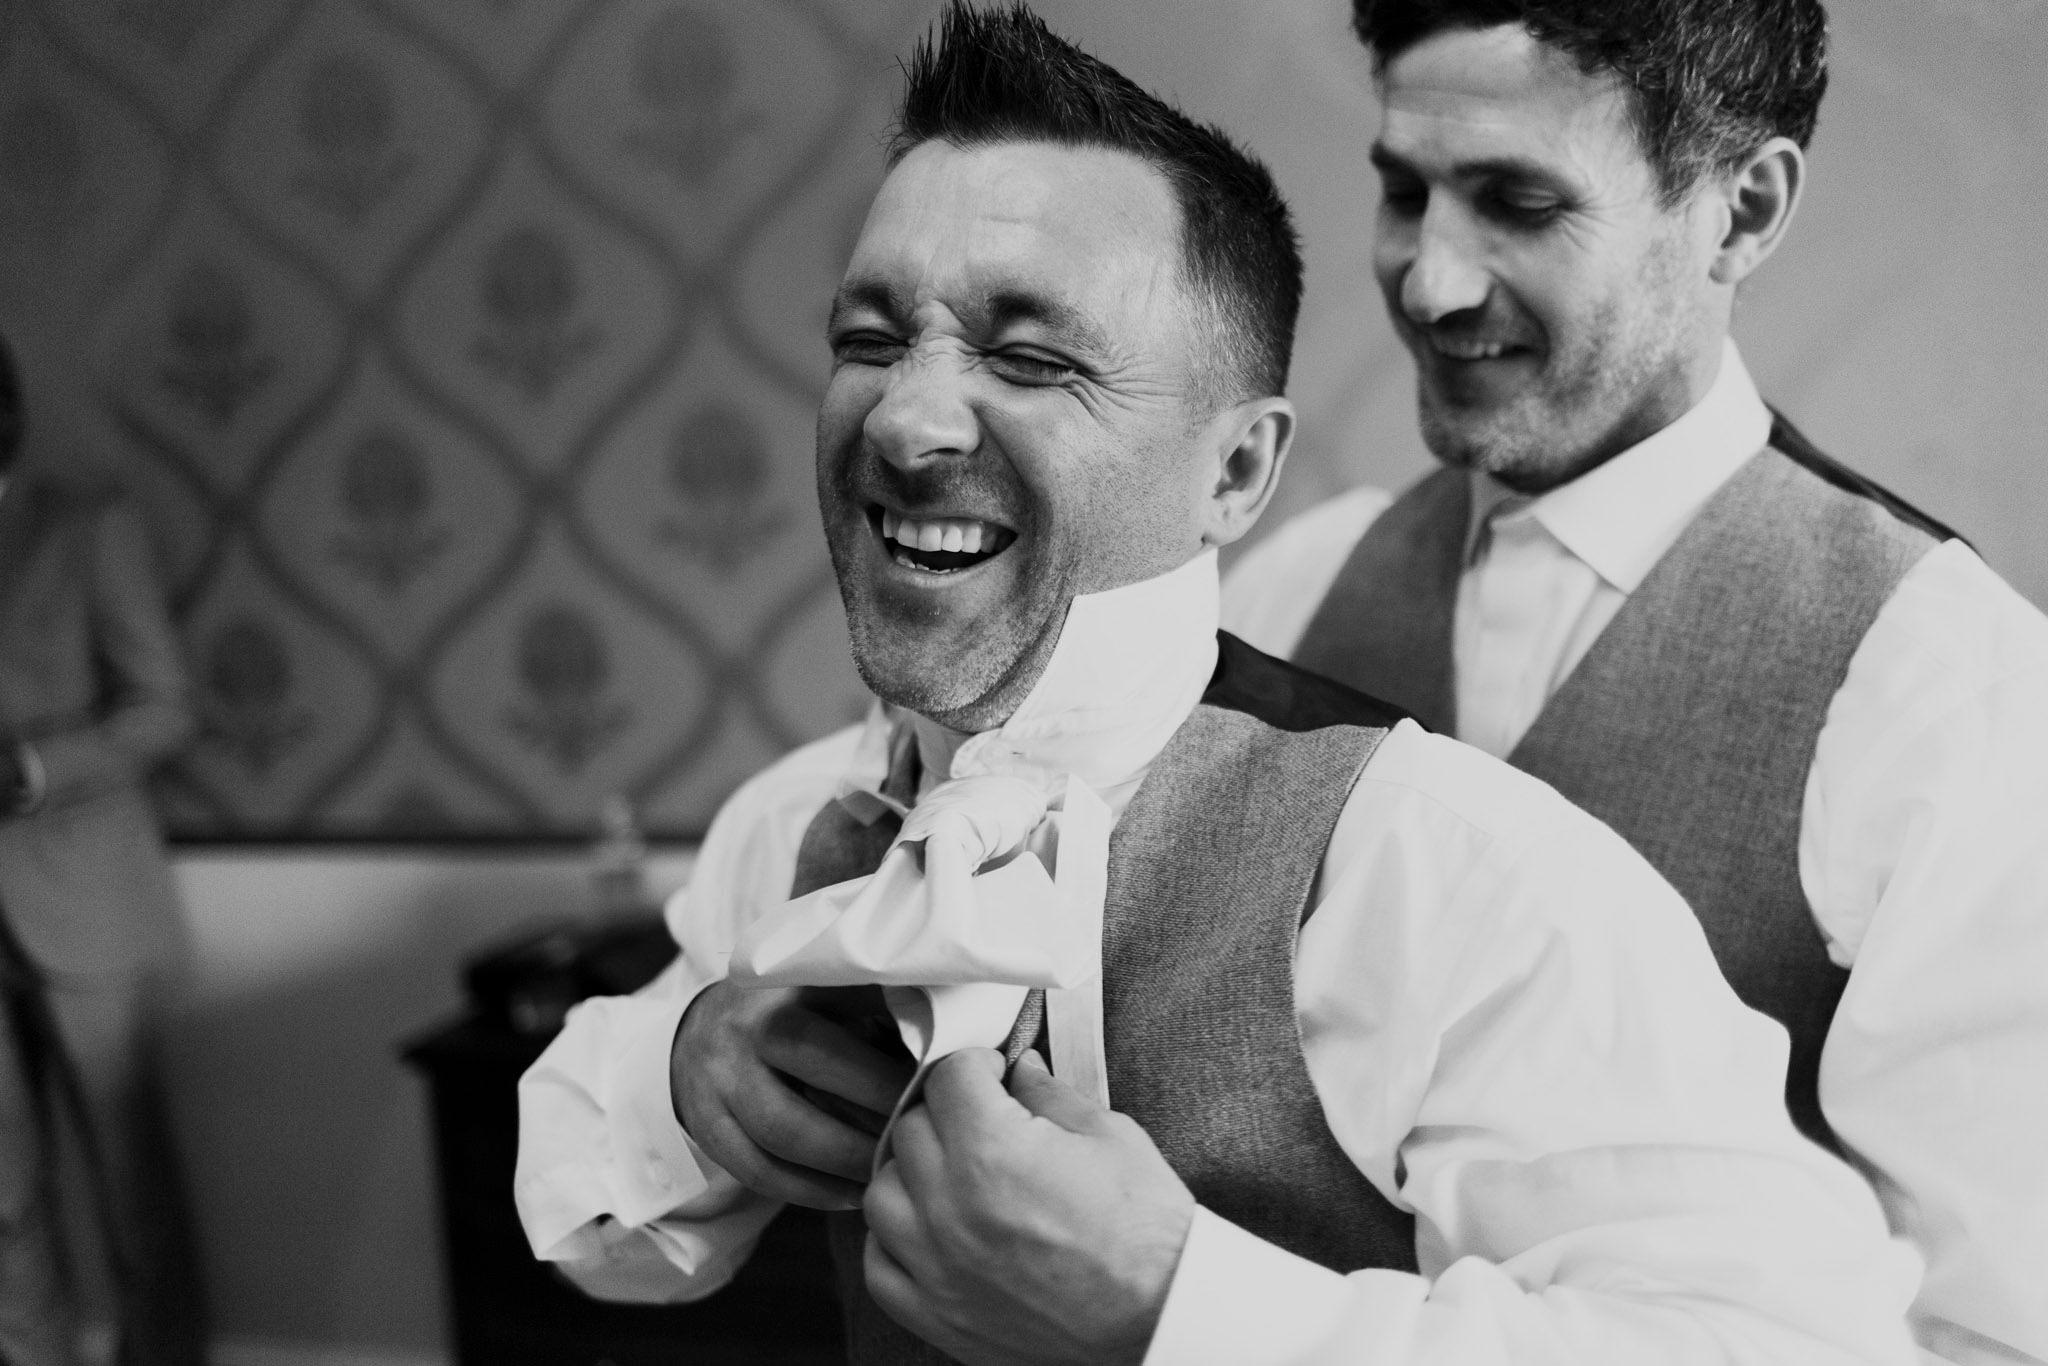 scotland-wedding-elopement-photographer-023.jpg